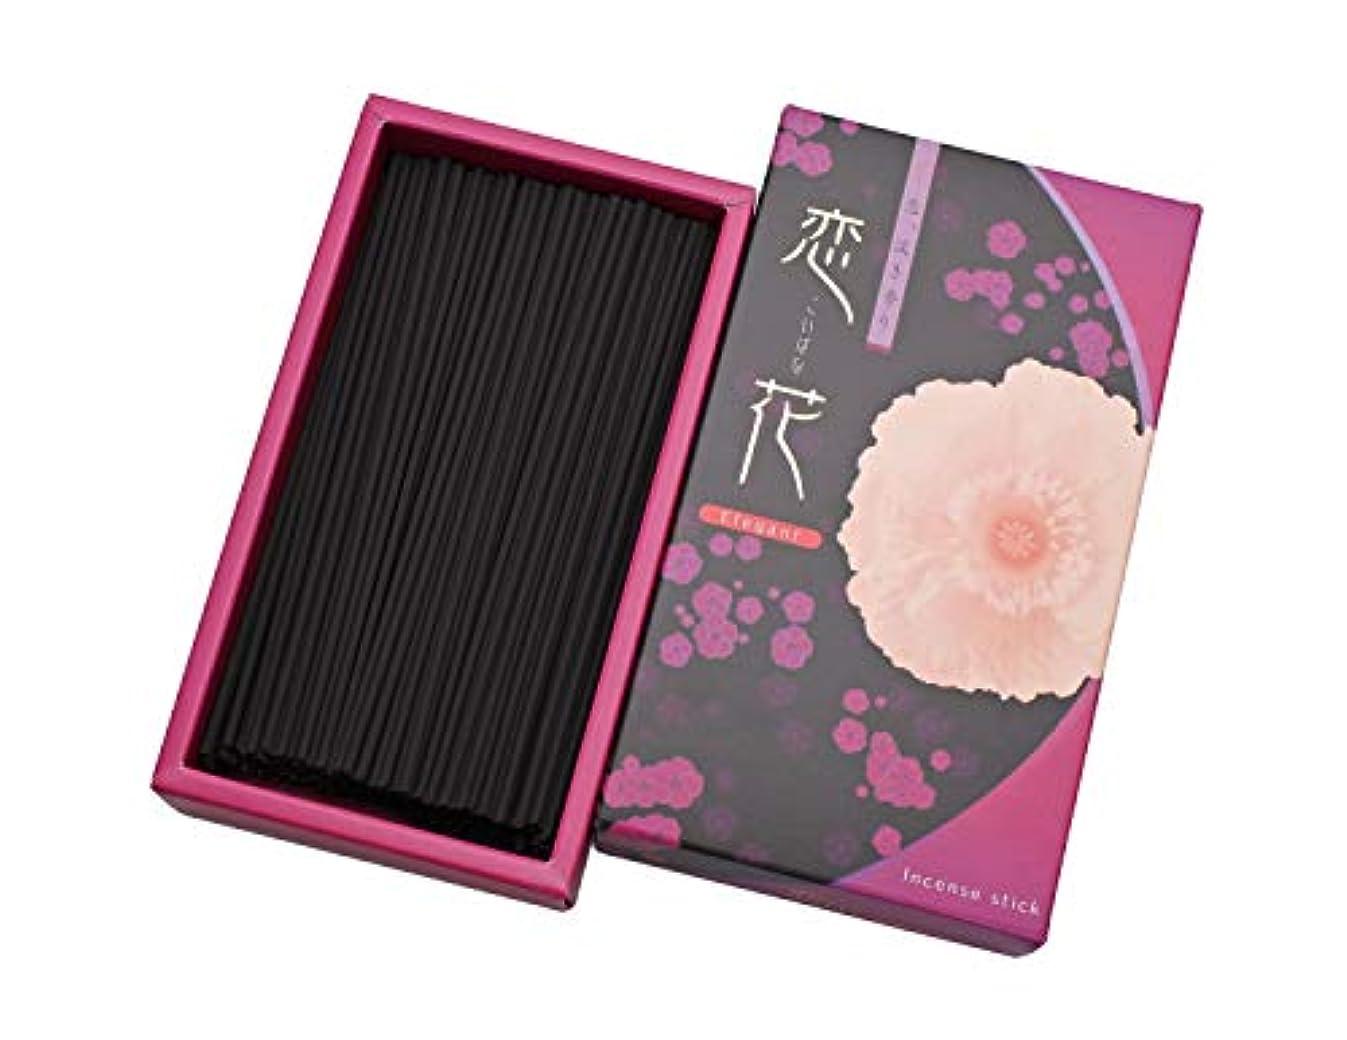 変更可能のためにむちゃくちゃ尚林堂 恋花 エレガント 約14cm 159120-6200